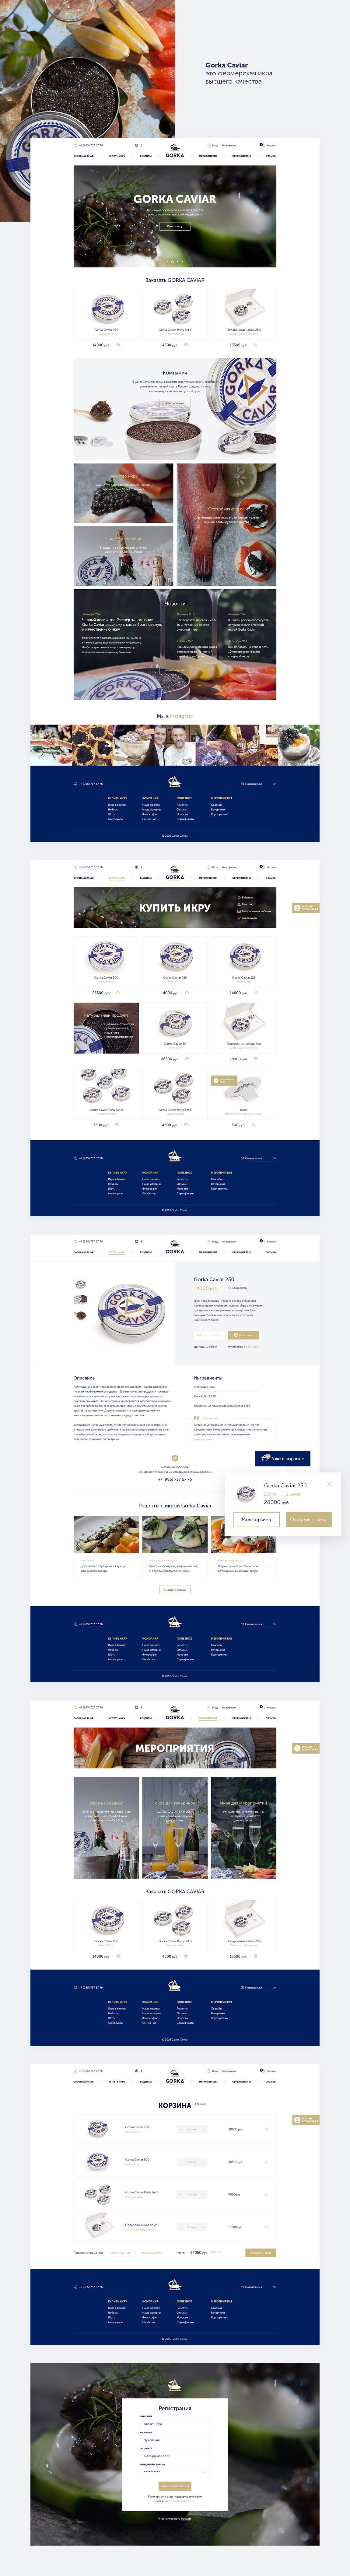 Интернет-магазин по продажи икры компании Gorka Caviar